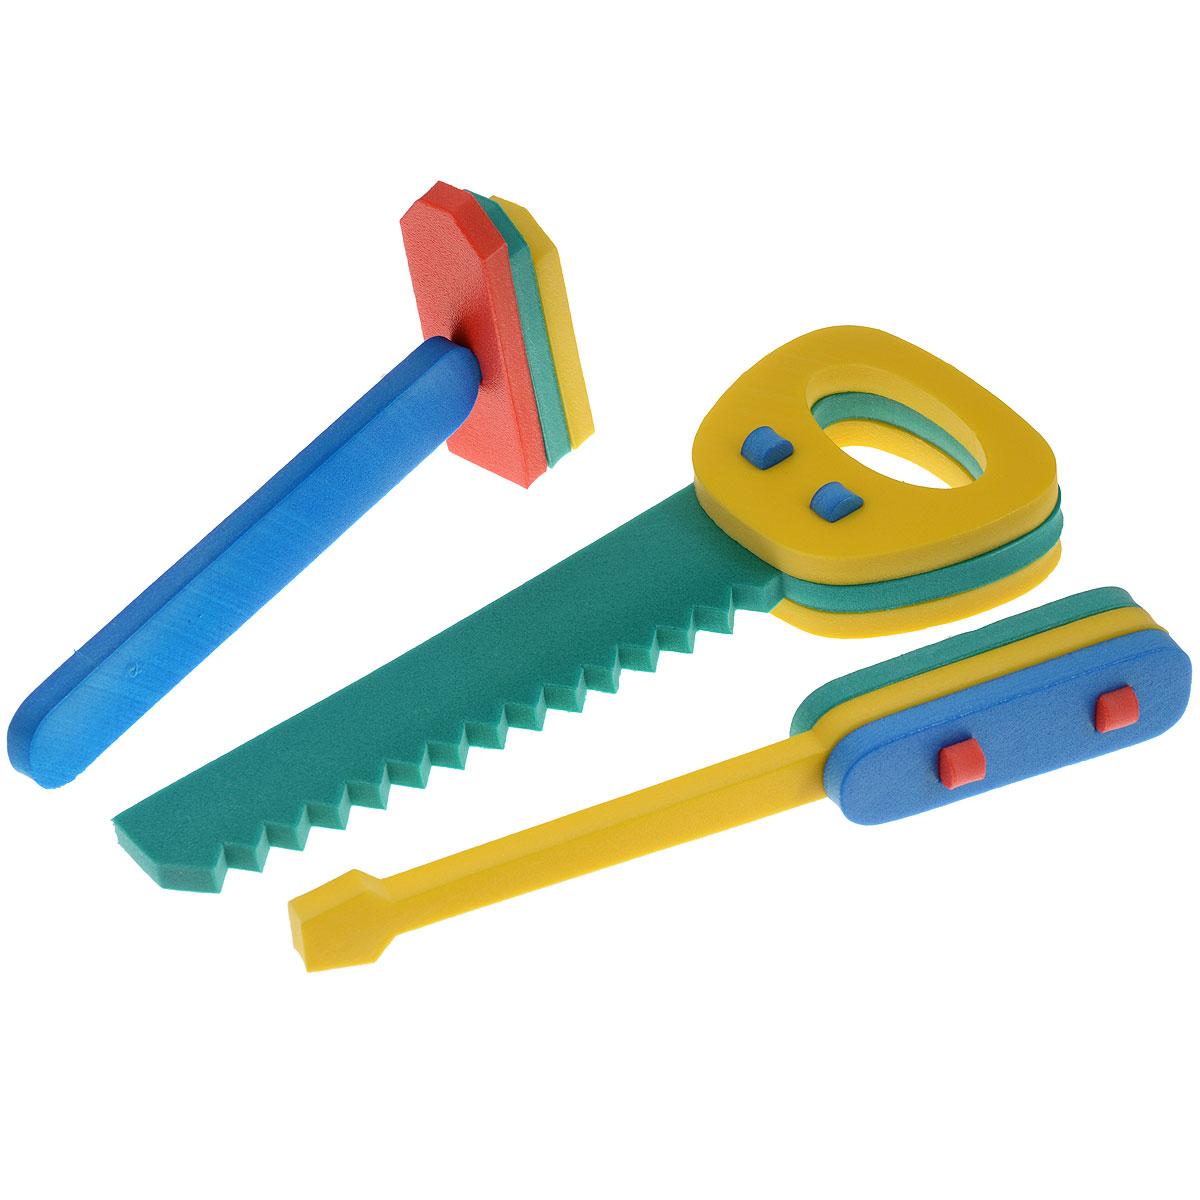 Флексика Конструктор Набор инструментов45380Мозаики и конструкторы настолько универсальны и практичны, что с ними можно играть практически везде. Для производства игрушек используется современный, легкий, эластичный, прочный материал, который обеспечивает большую долговечность игрушек, и главное –является абсолютно безопасным для детей. К тому же, благодаря особой структуре материала и свойству прилипать к мокрой поверхности, мягкие конструкторы и мозаики являются идеальной игрушкой для ванны. Способствует развитию у ребенка мелкой моторики, образного и логического мышления, наблюдательности. Конструктор выполнен из мягкого, прочного, нетоксичного, абсолютно безопасного материала. Производственная фирма Тедико зарекомендовала себя на рынке отечественных товаров как производитель высококачественных конструкторов и мозаик серии Флексика. Богатый ассортимент включает в себя игрушки для малышей и детей старшего возраста.